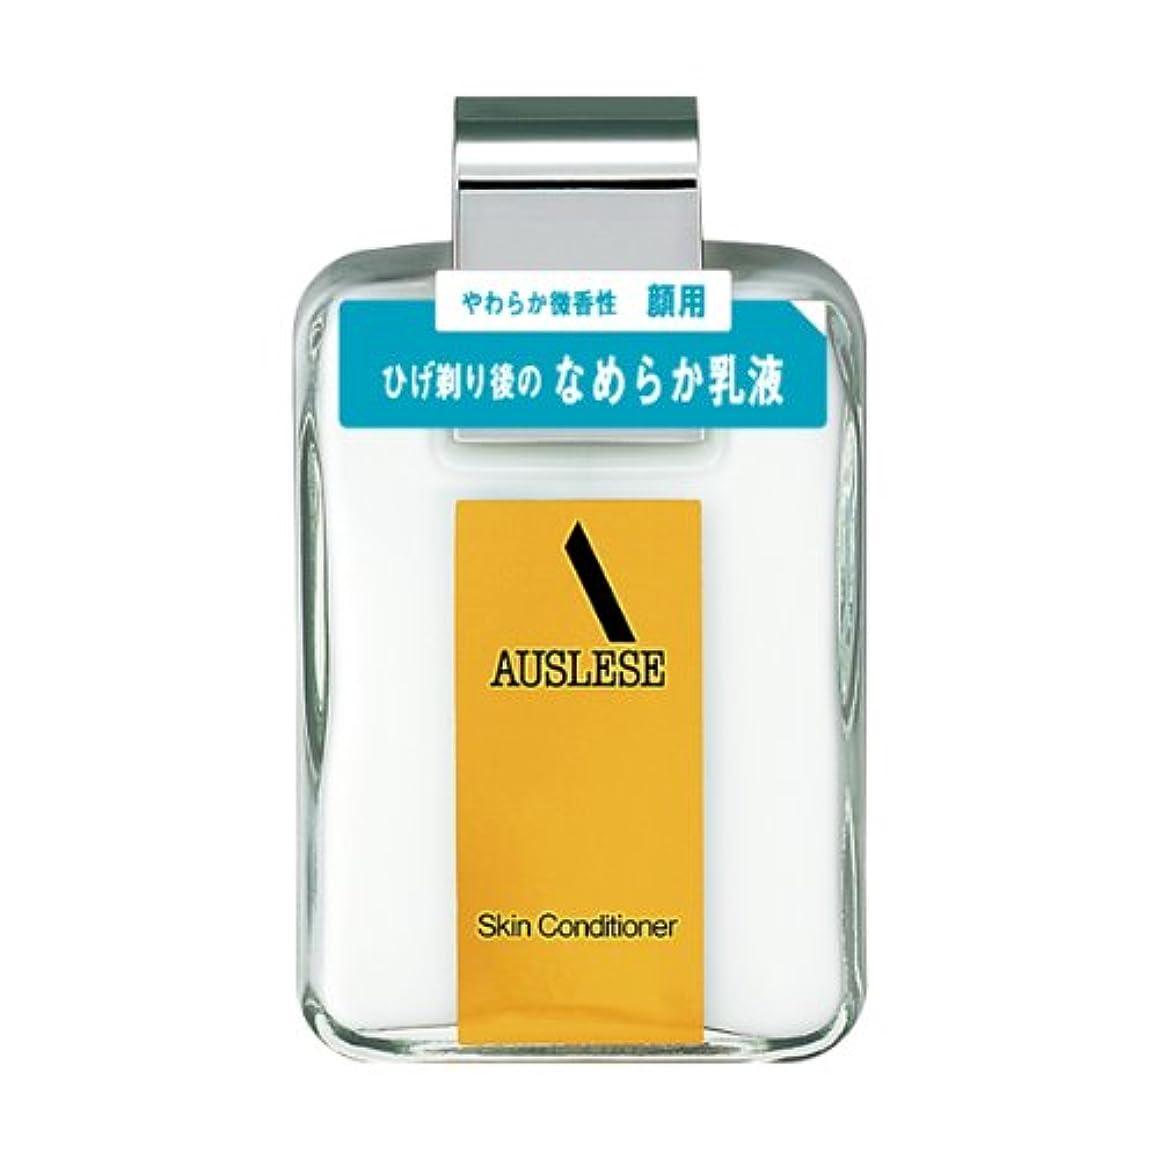 監督する階段流星アウスレーゼ スキンコンディショナーNA 120mL 【医薬部外品】